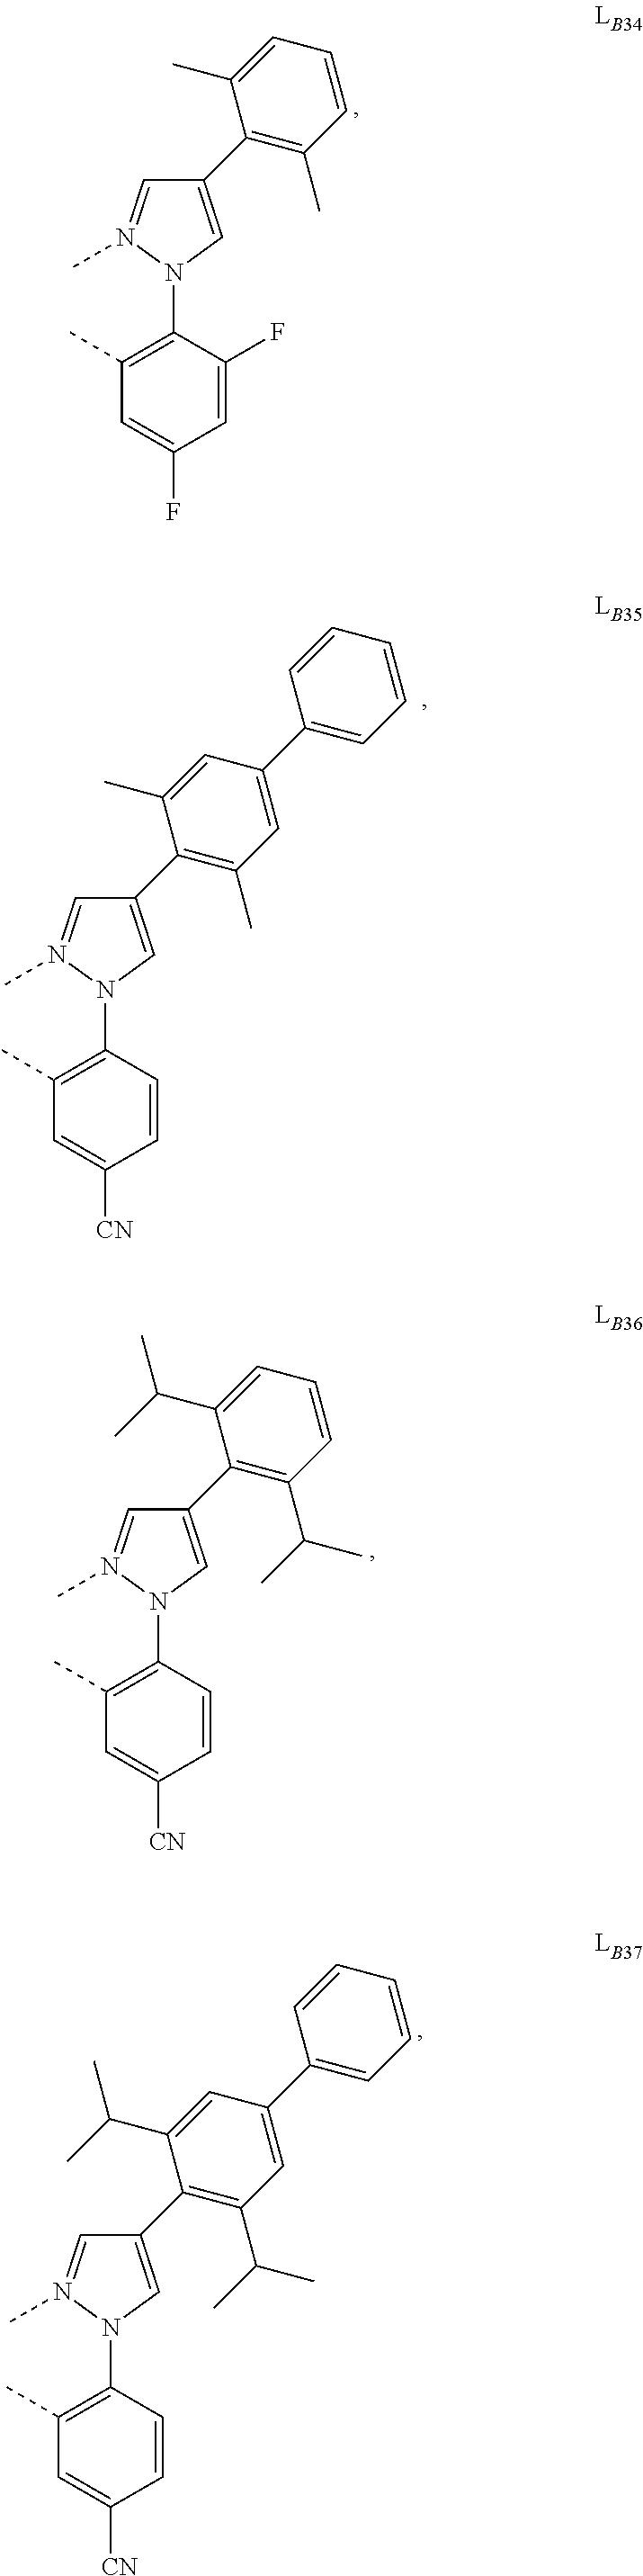 Figure US09905785-20180227-C00110